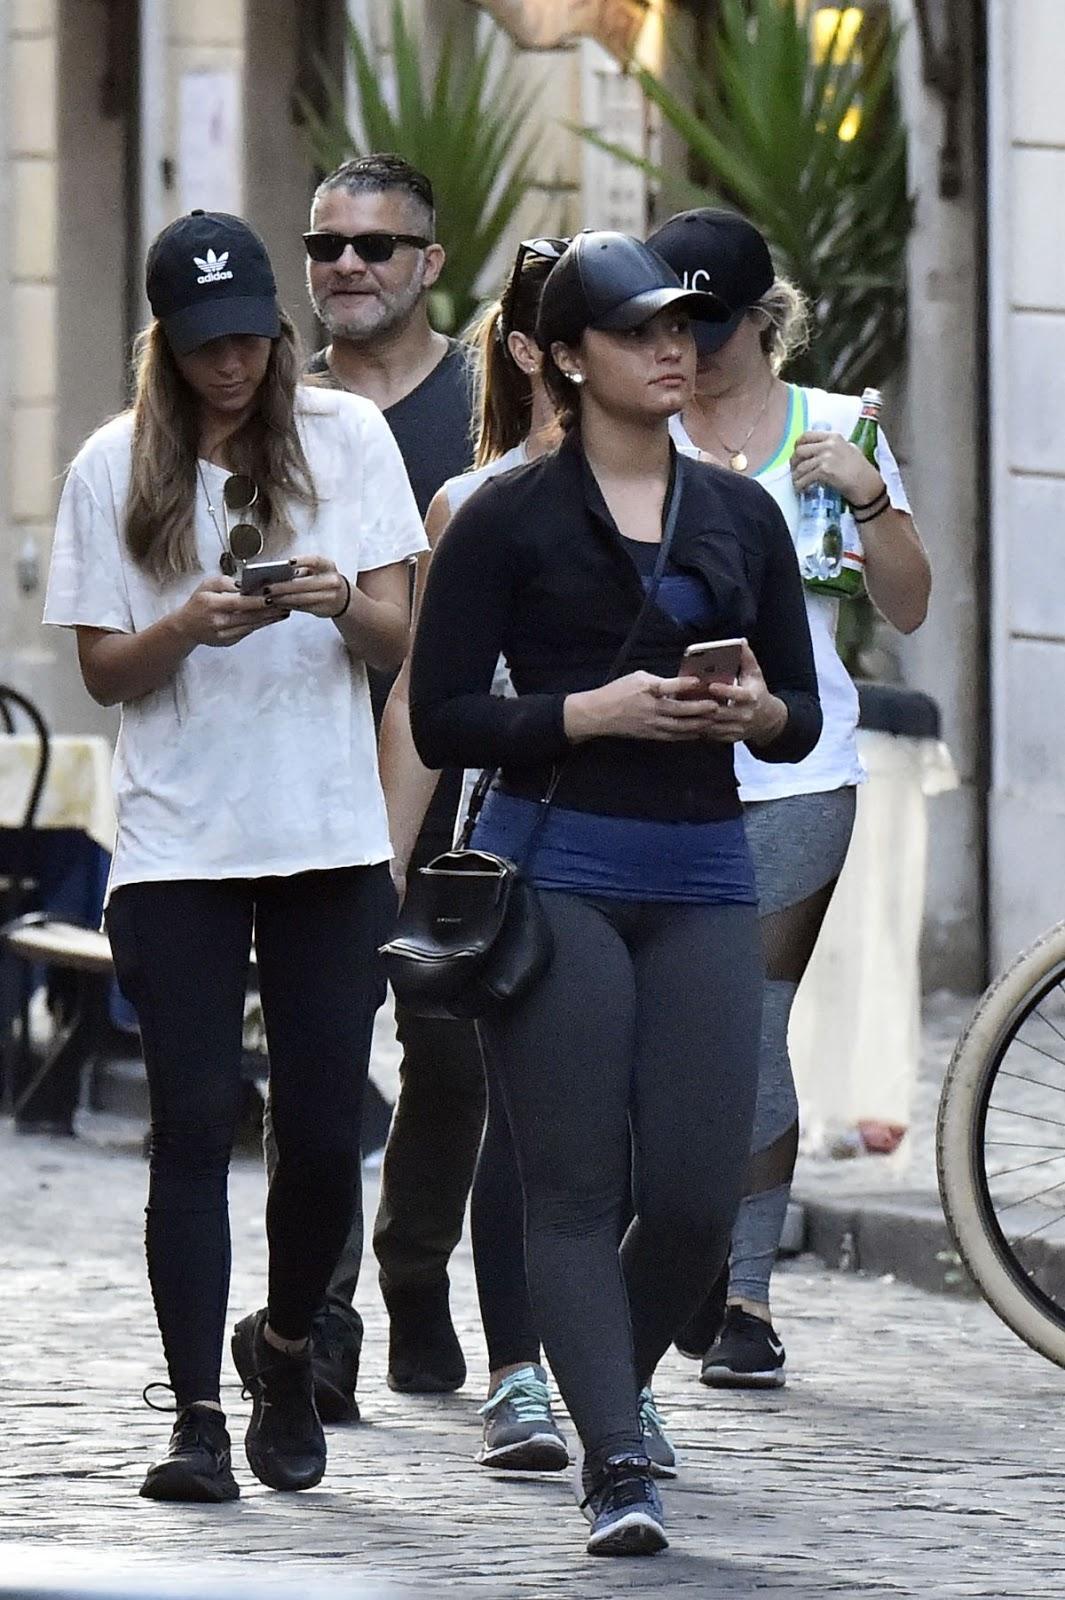 Demi Lovato Out in Rome